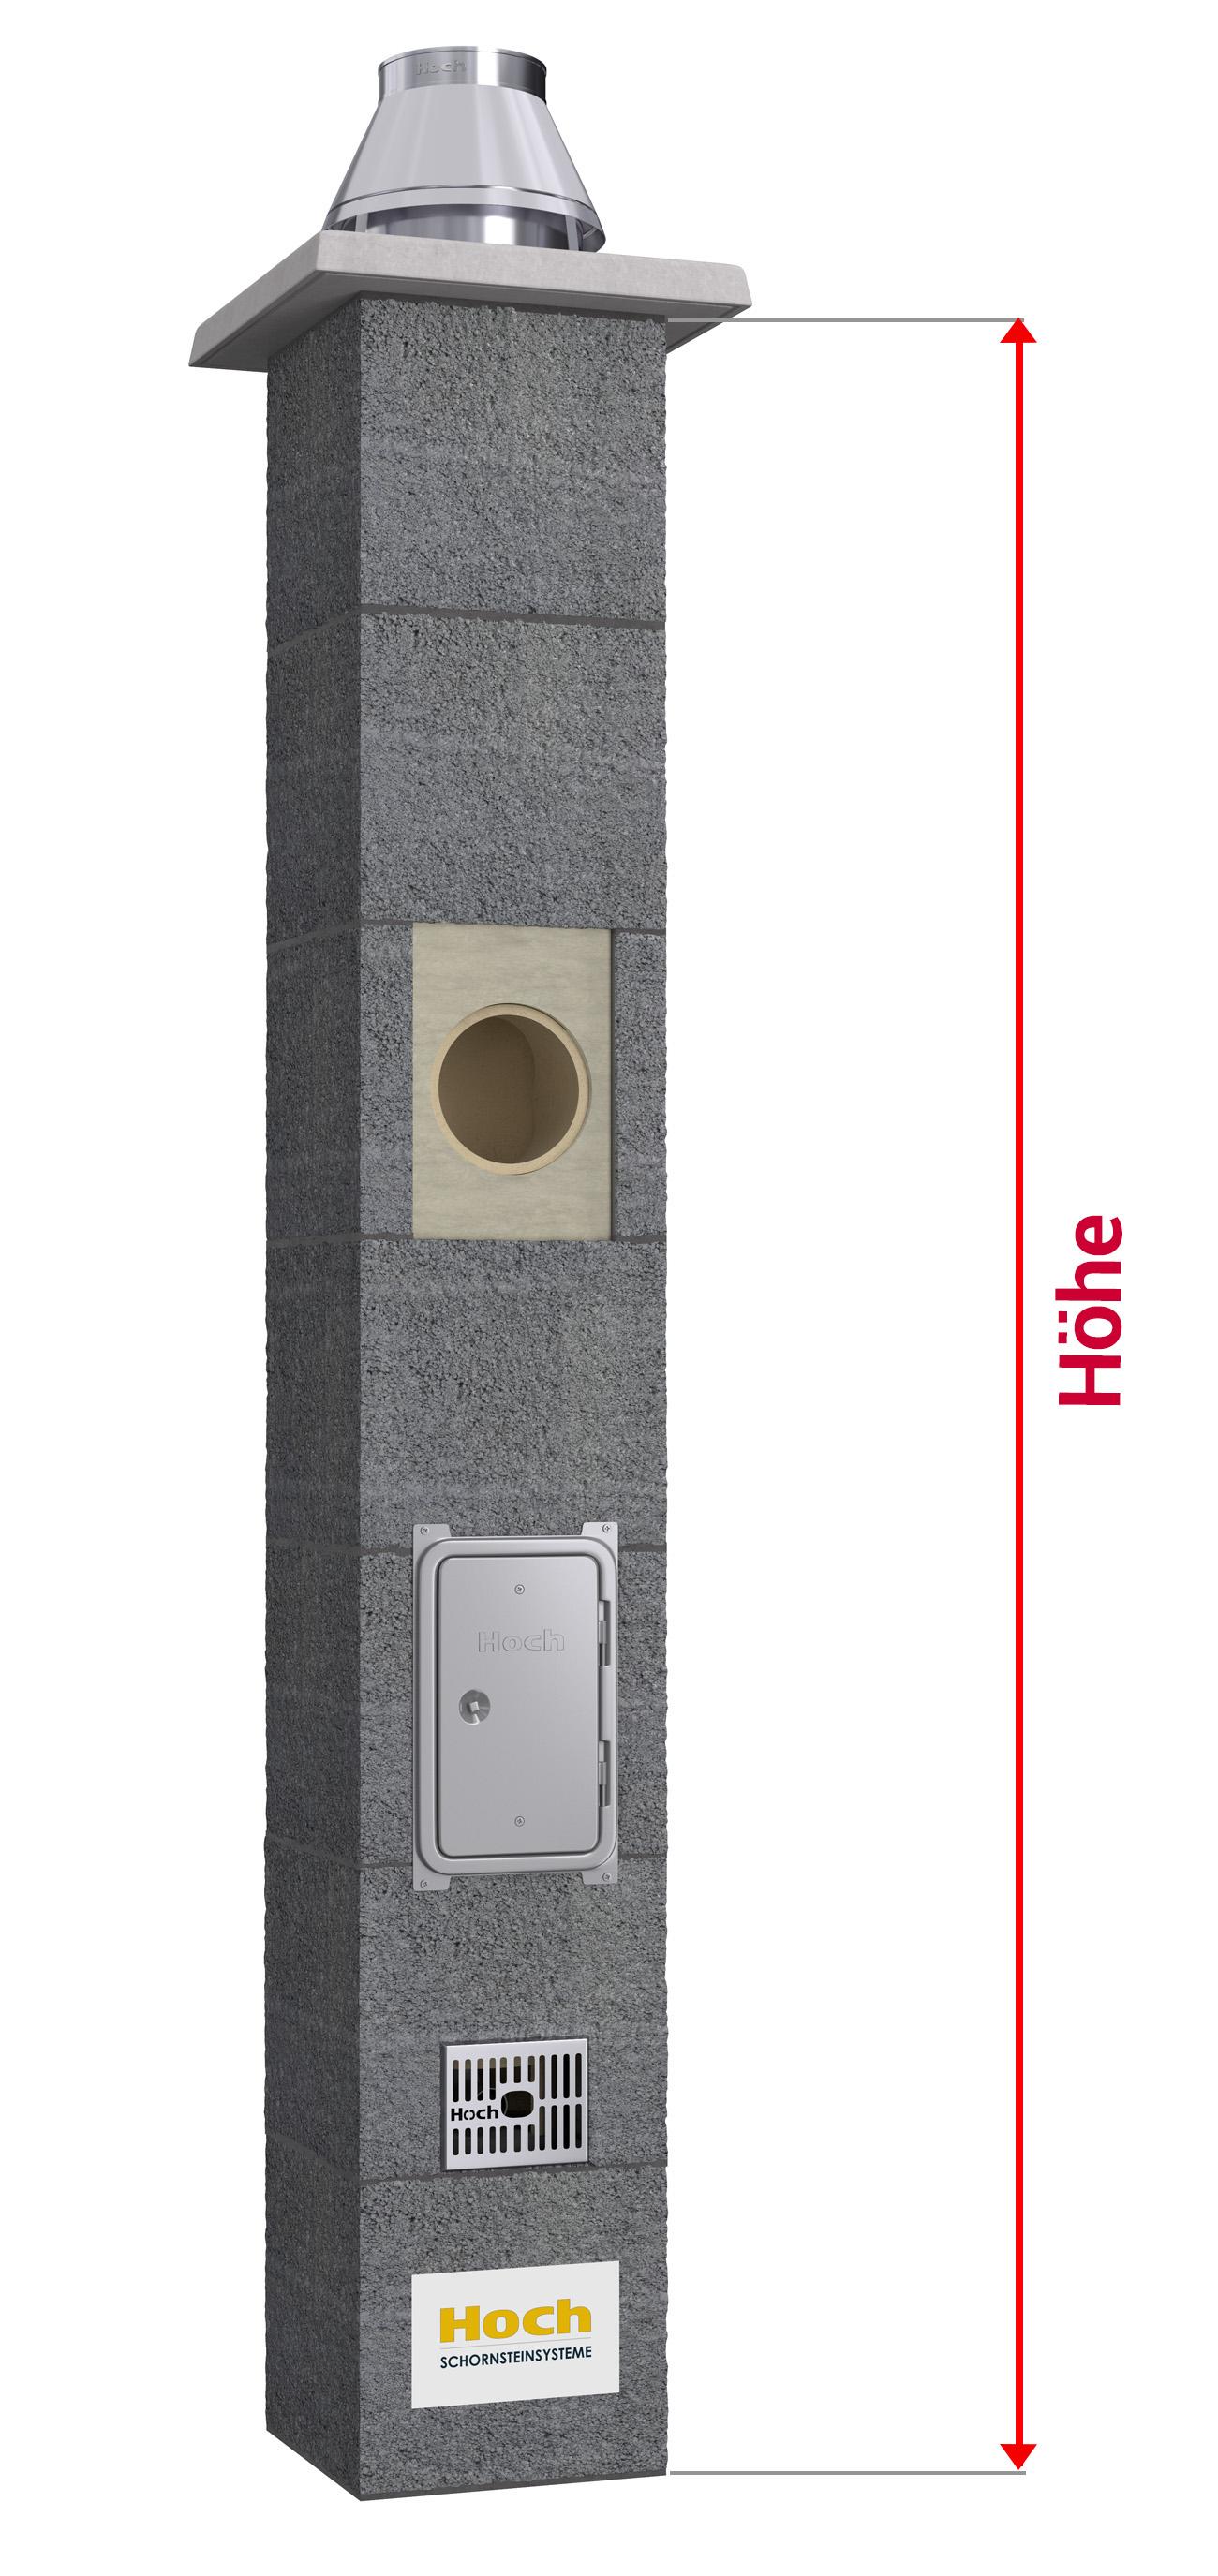 Pelletofen Schornstein Durchmesser : keramik schornstein onlinekonfigurator w3g pelletofen ~ A.2002-acura-tl-radio.info Haus und Dekorationen